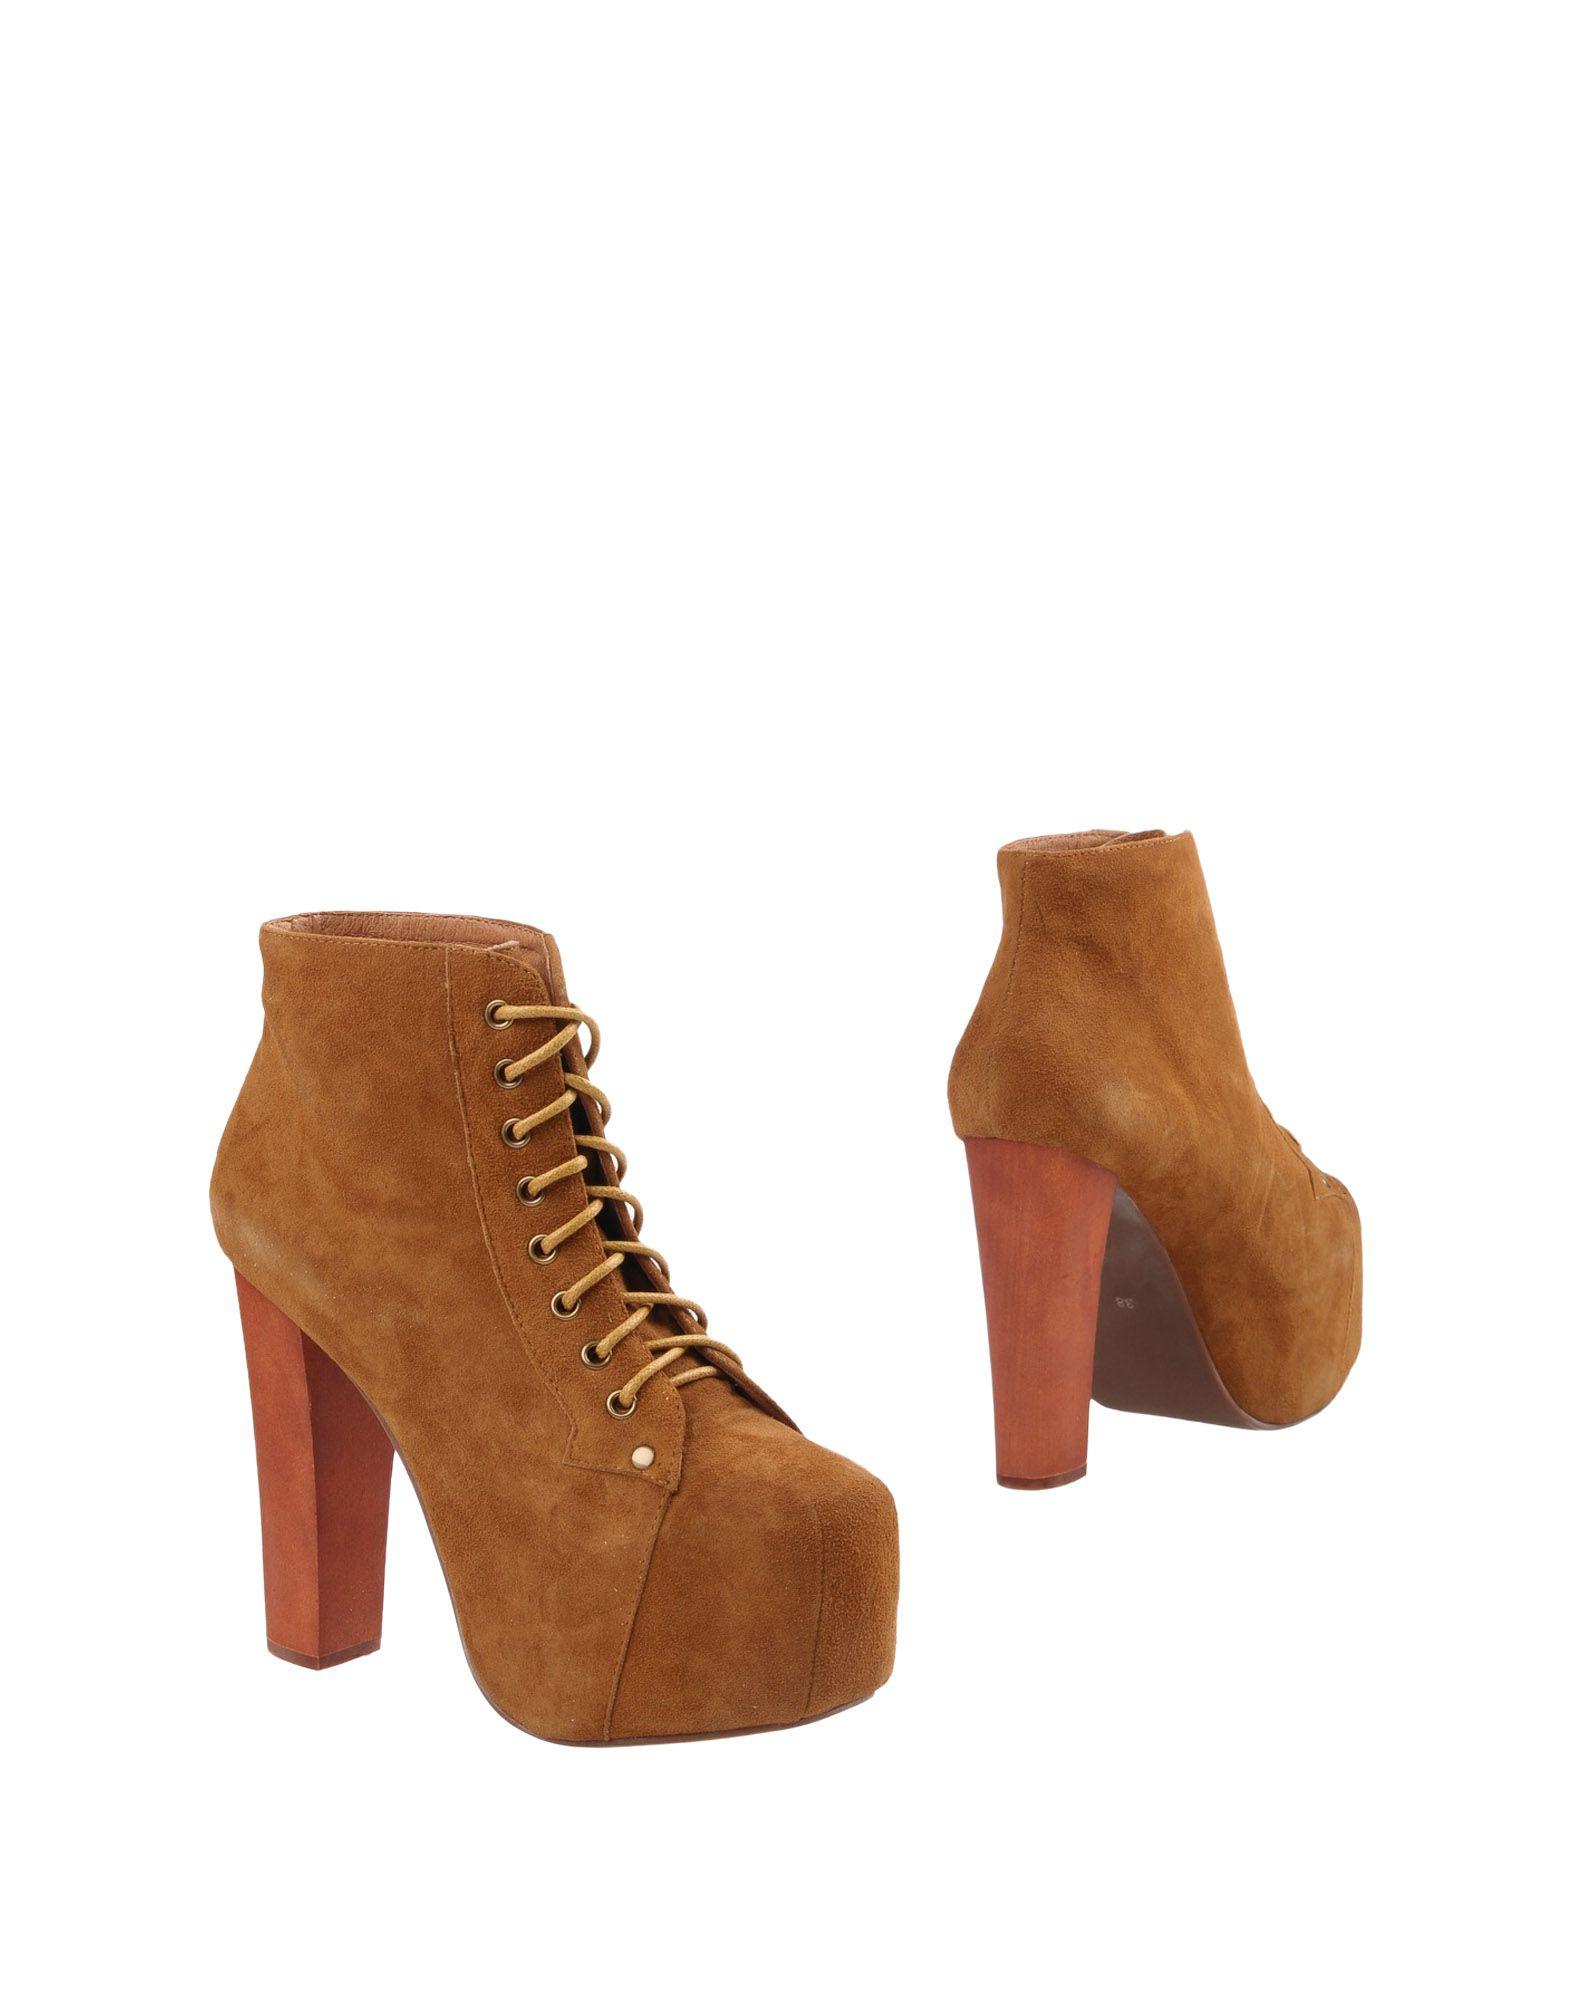 Jeffrey Campbell Stiefelette Damen  11338925KH Gute Qualität beliebte Schuhe